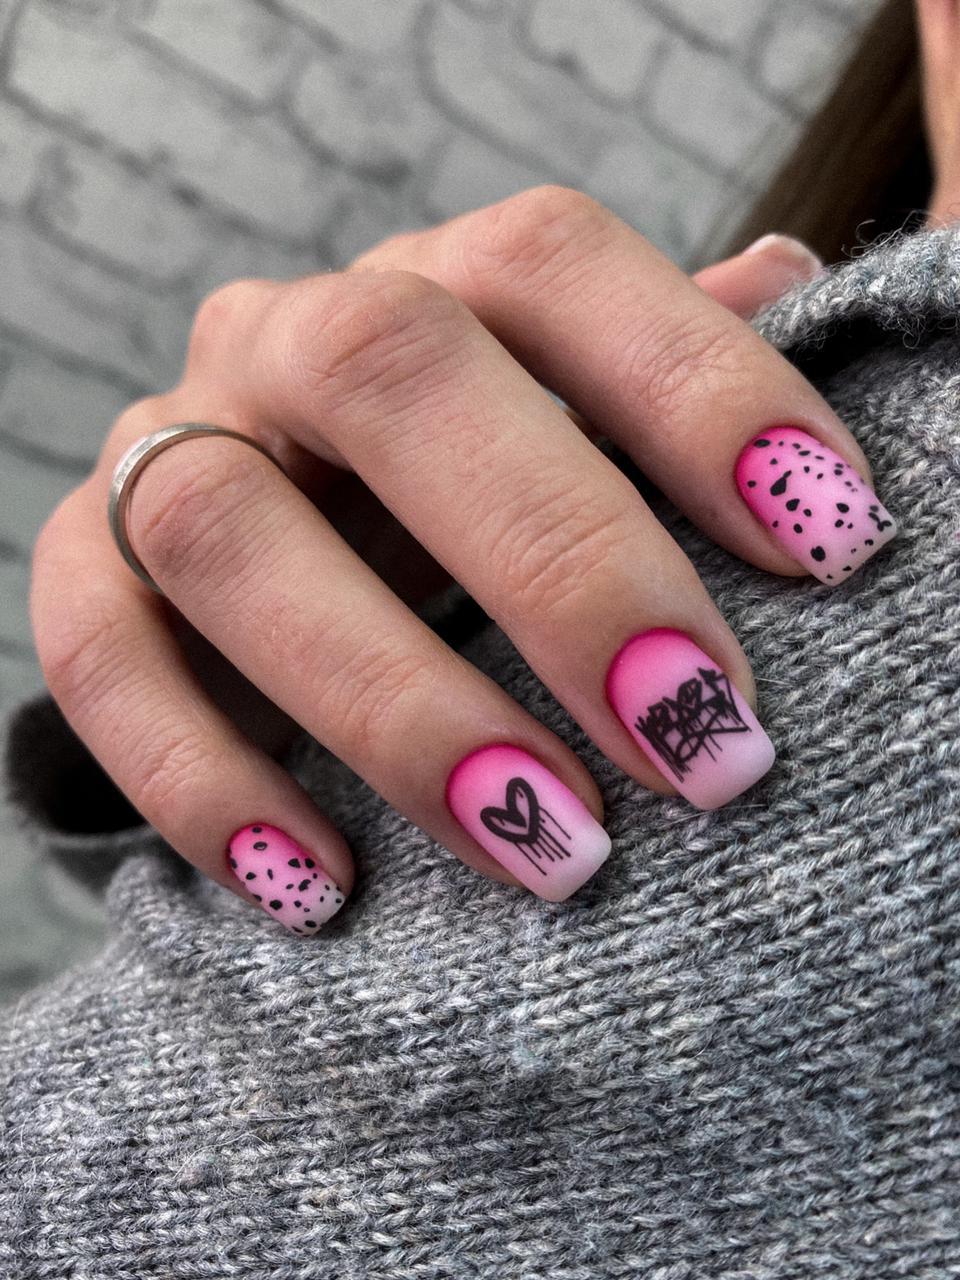 Матовый маникюр дизайн ногтей на короткие ногти